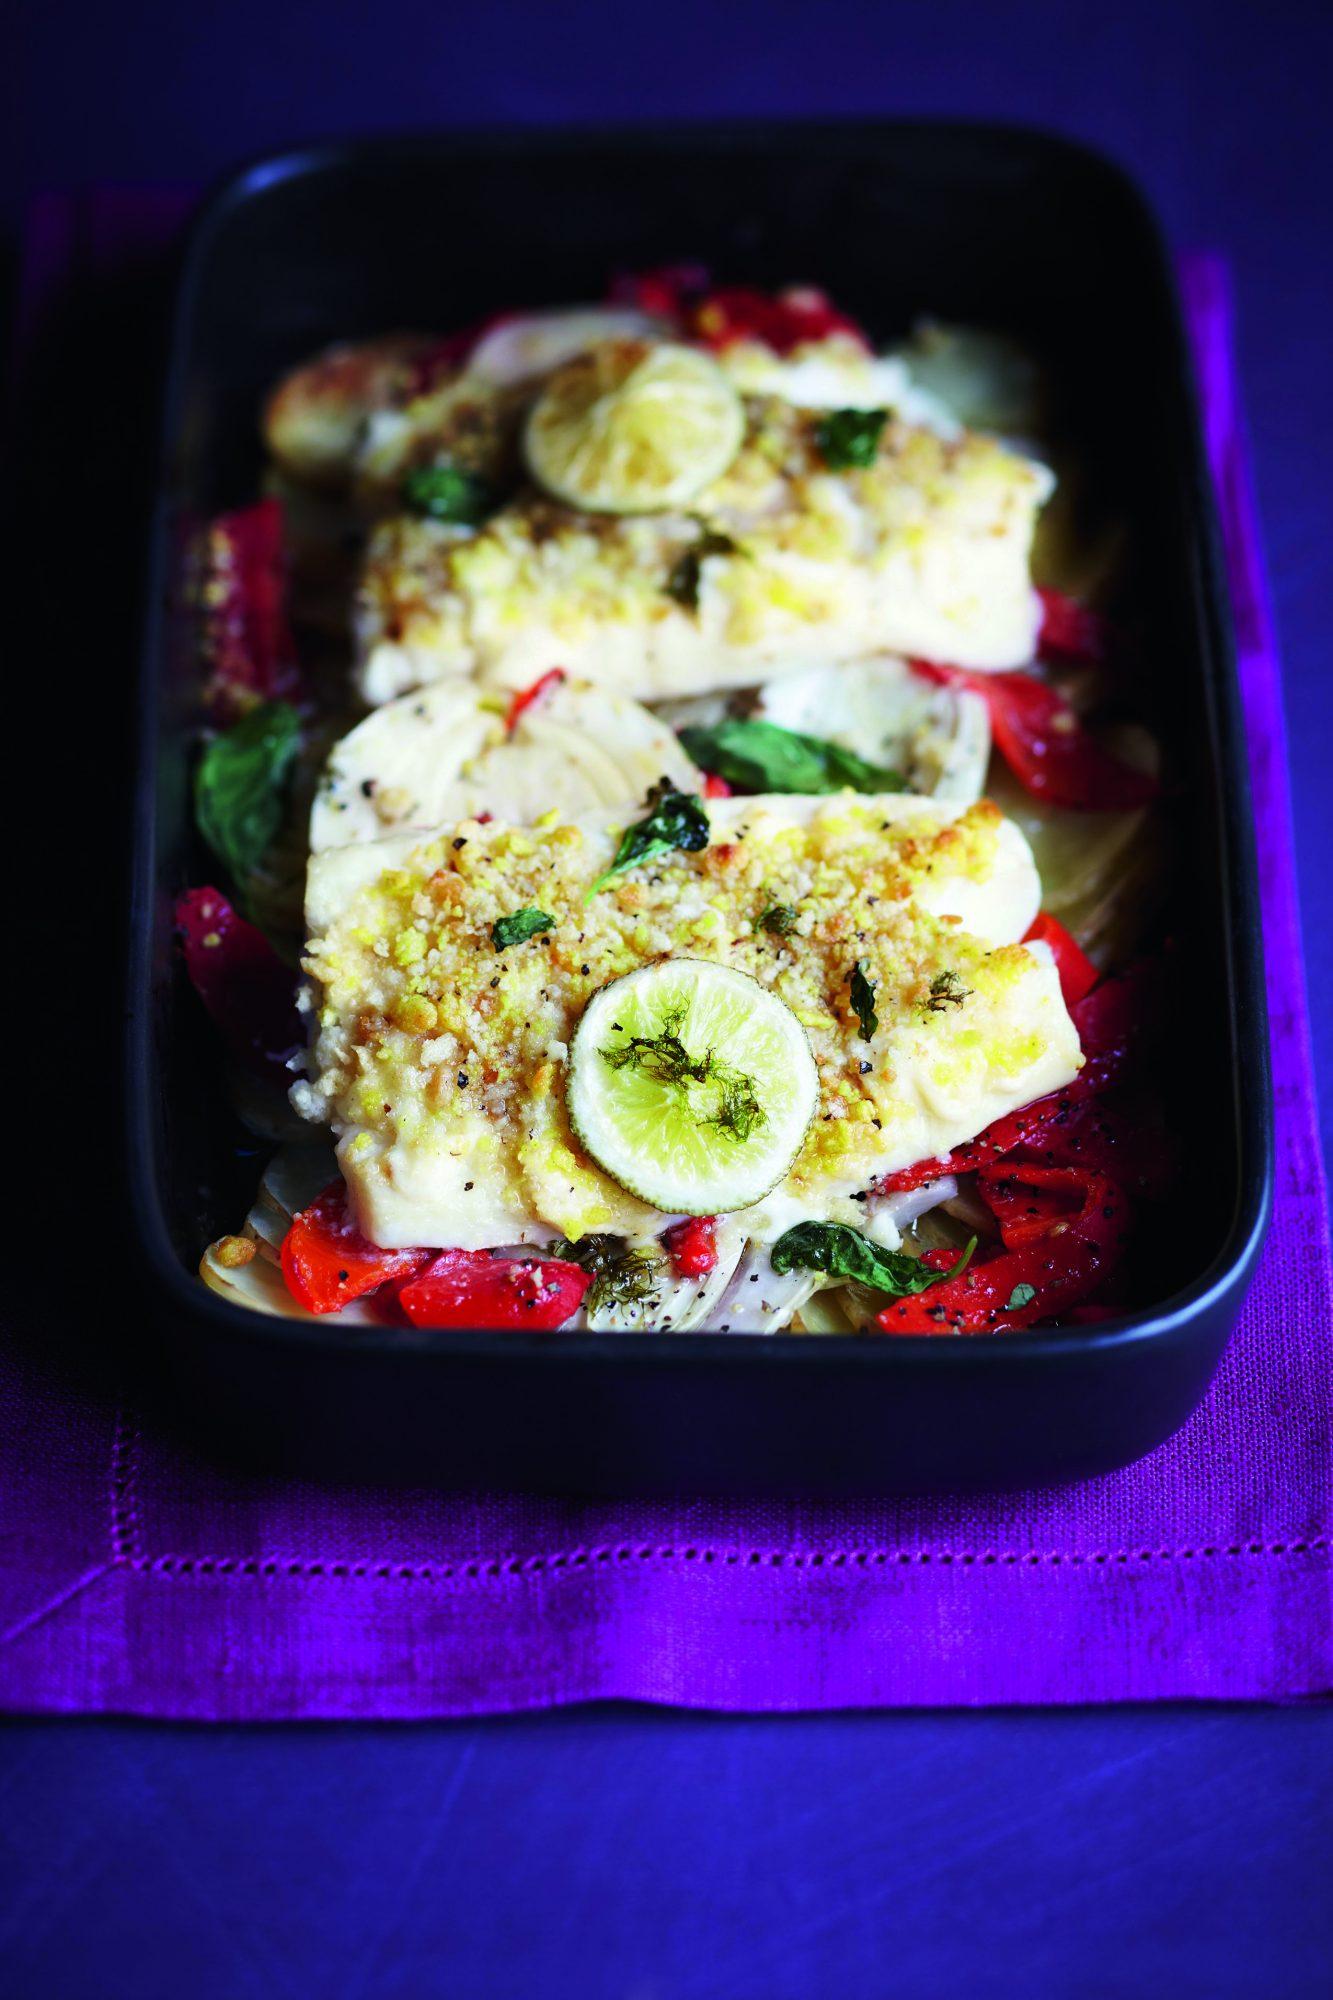 Fish, Fennel & Potato Casserole